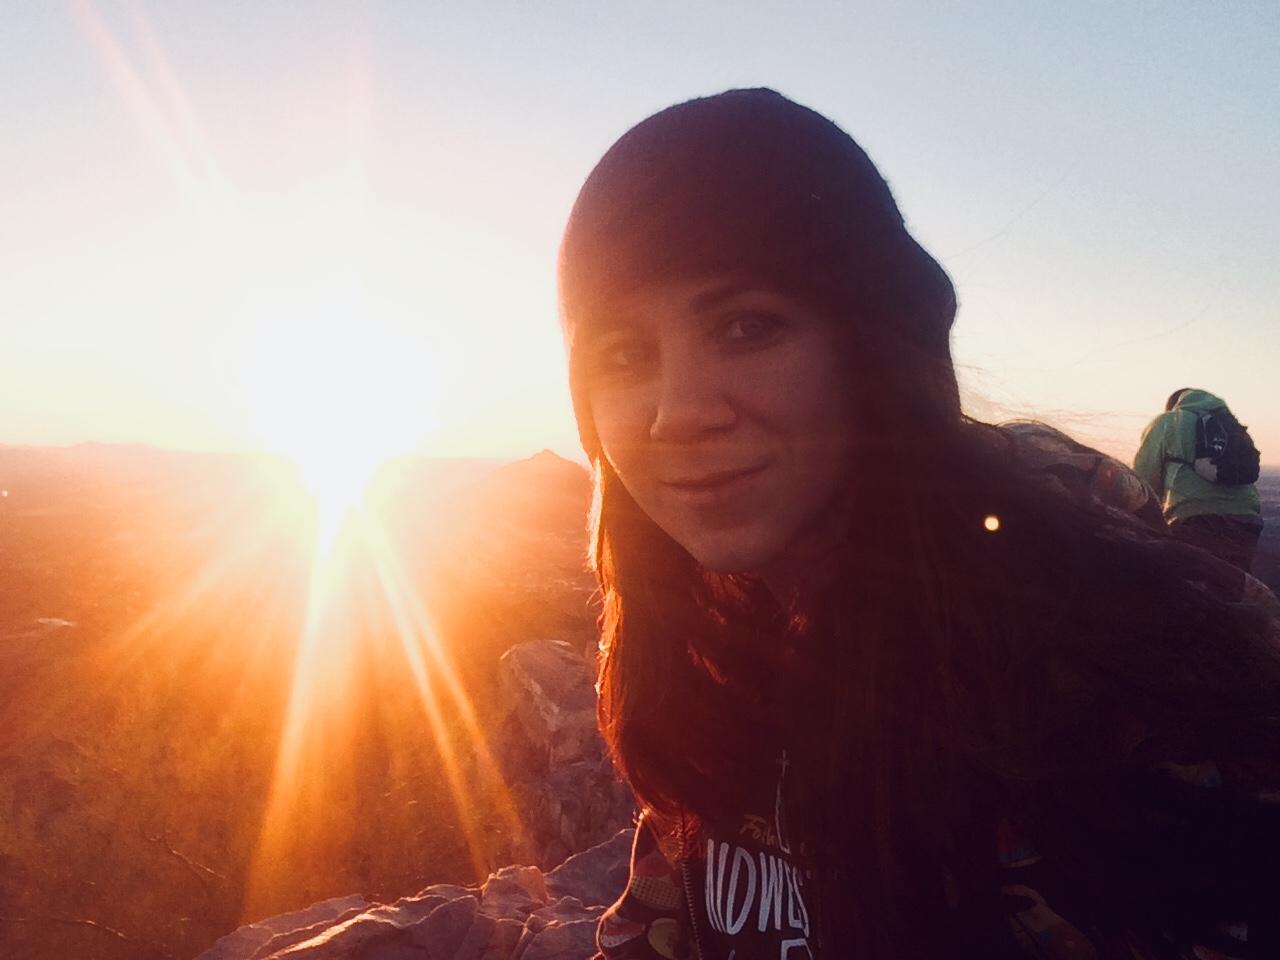 Kayla hiking a mountain at sunrise.